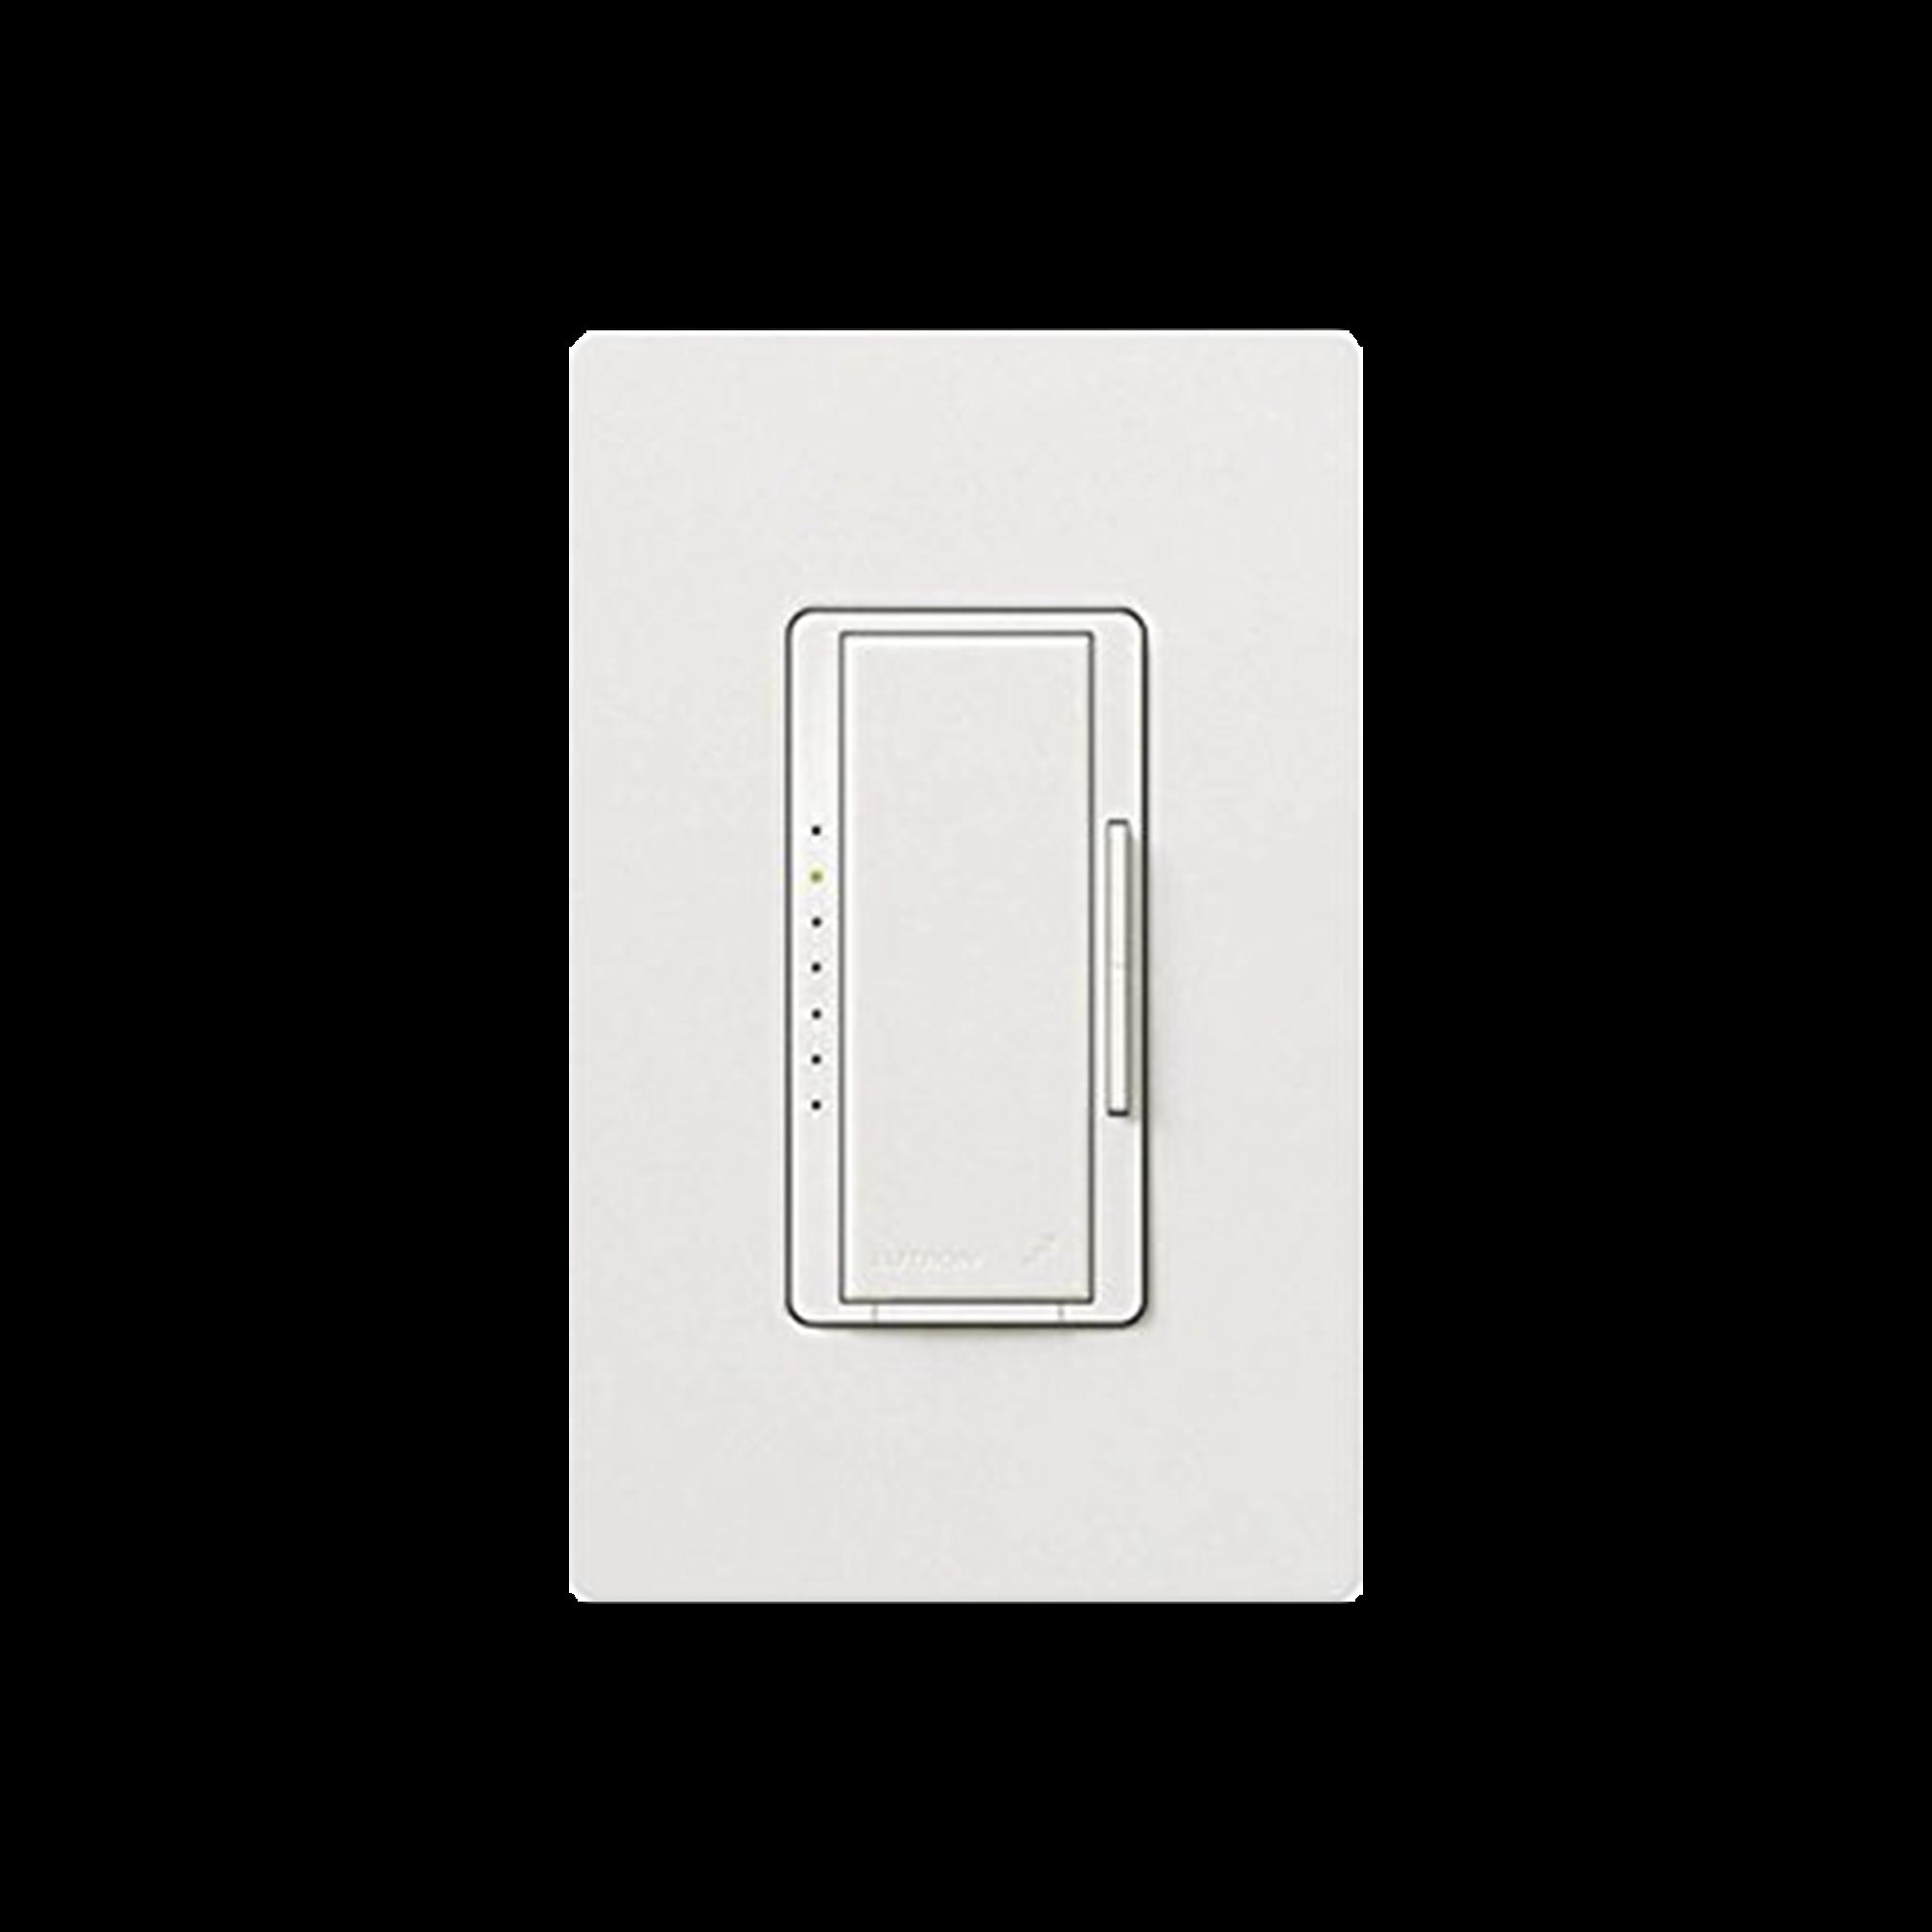 Dimmer para iluminación CFL/LED o Incandescente/Halogeno 600 Watt Max, blanco